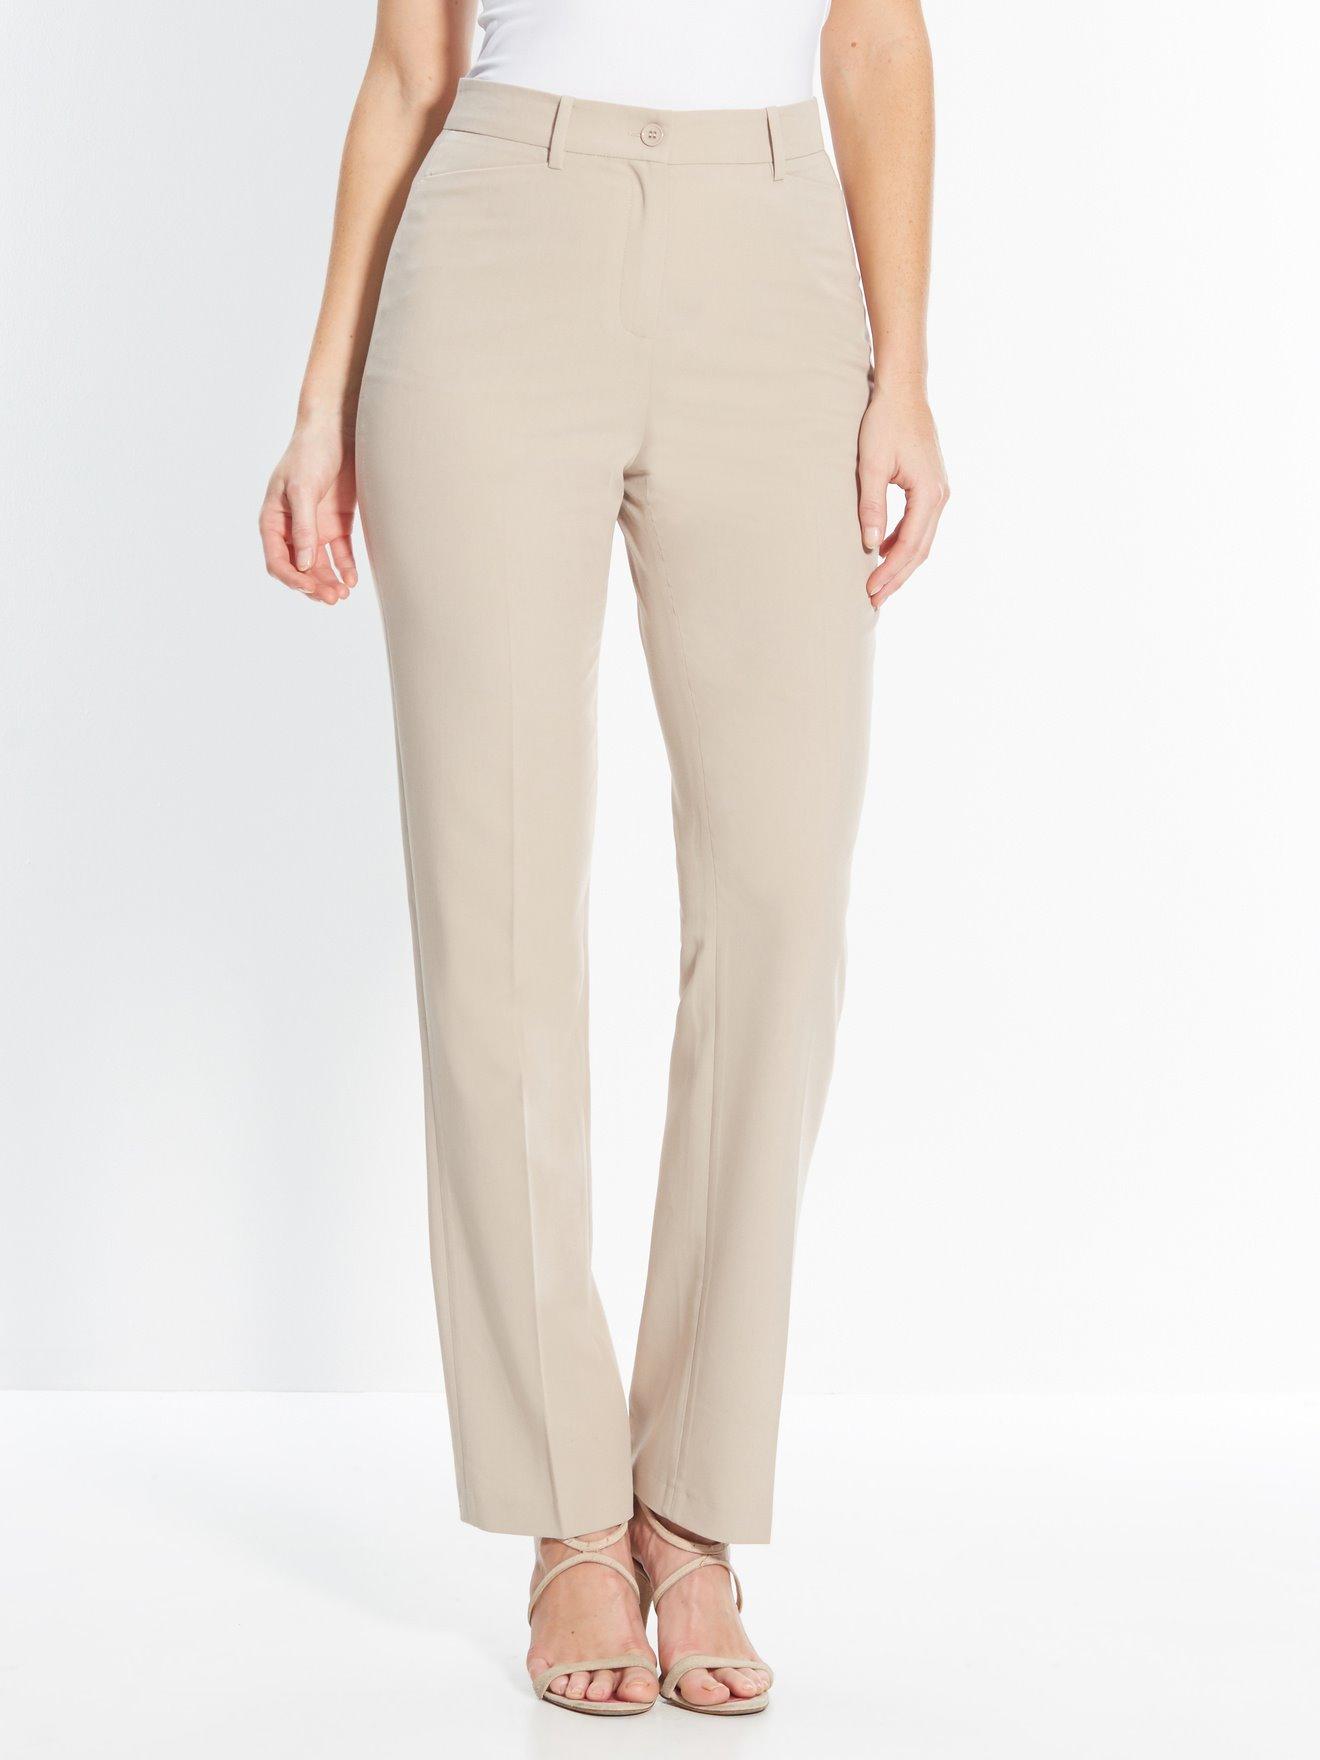 e0729544fd265d Pantalon droit, spécial ventre rond - Balsamik